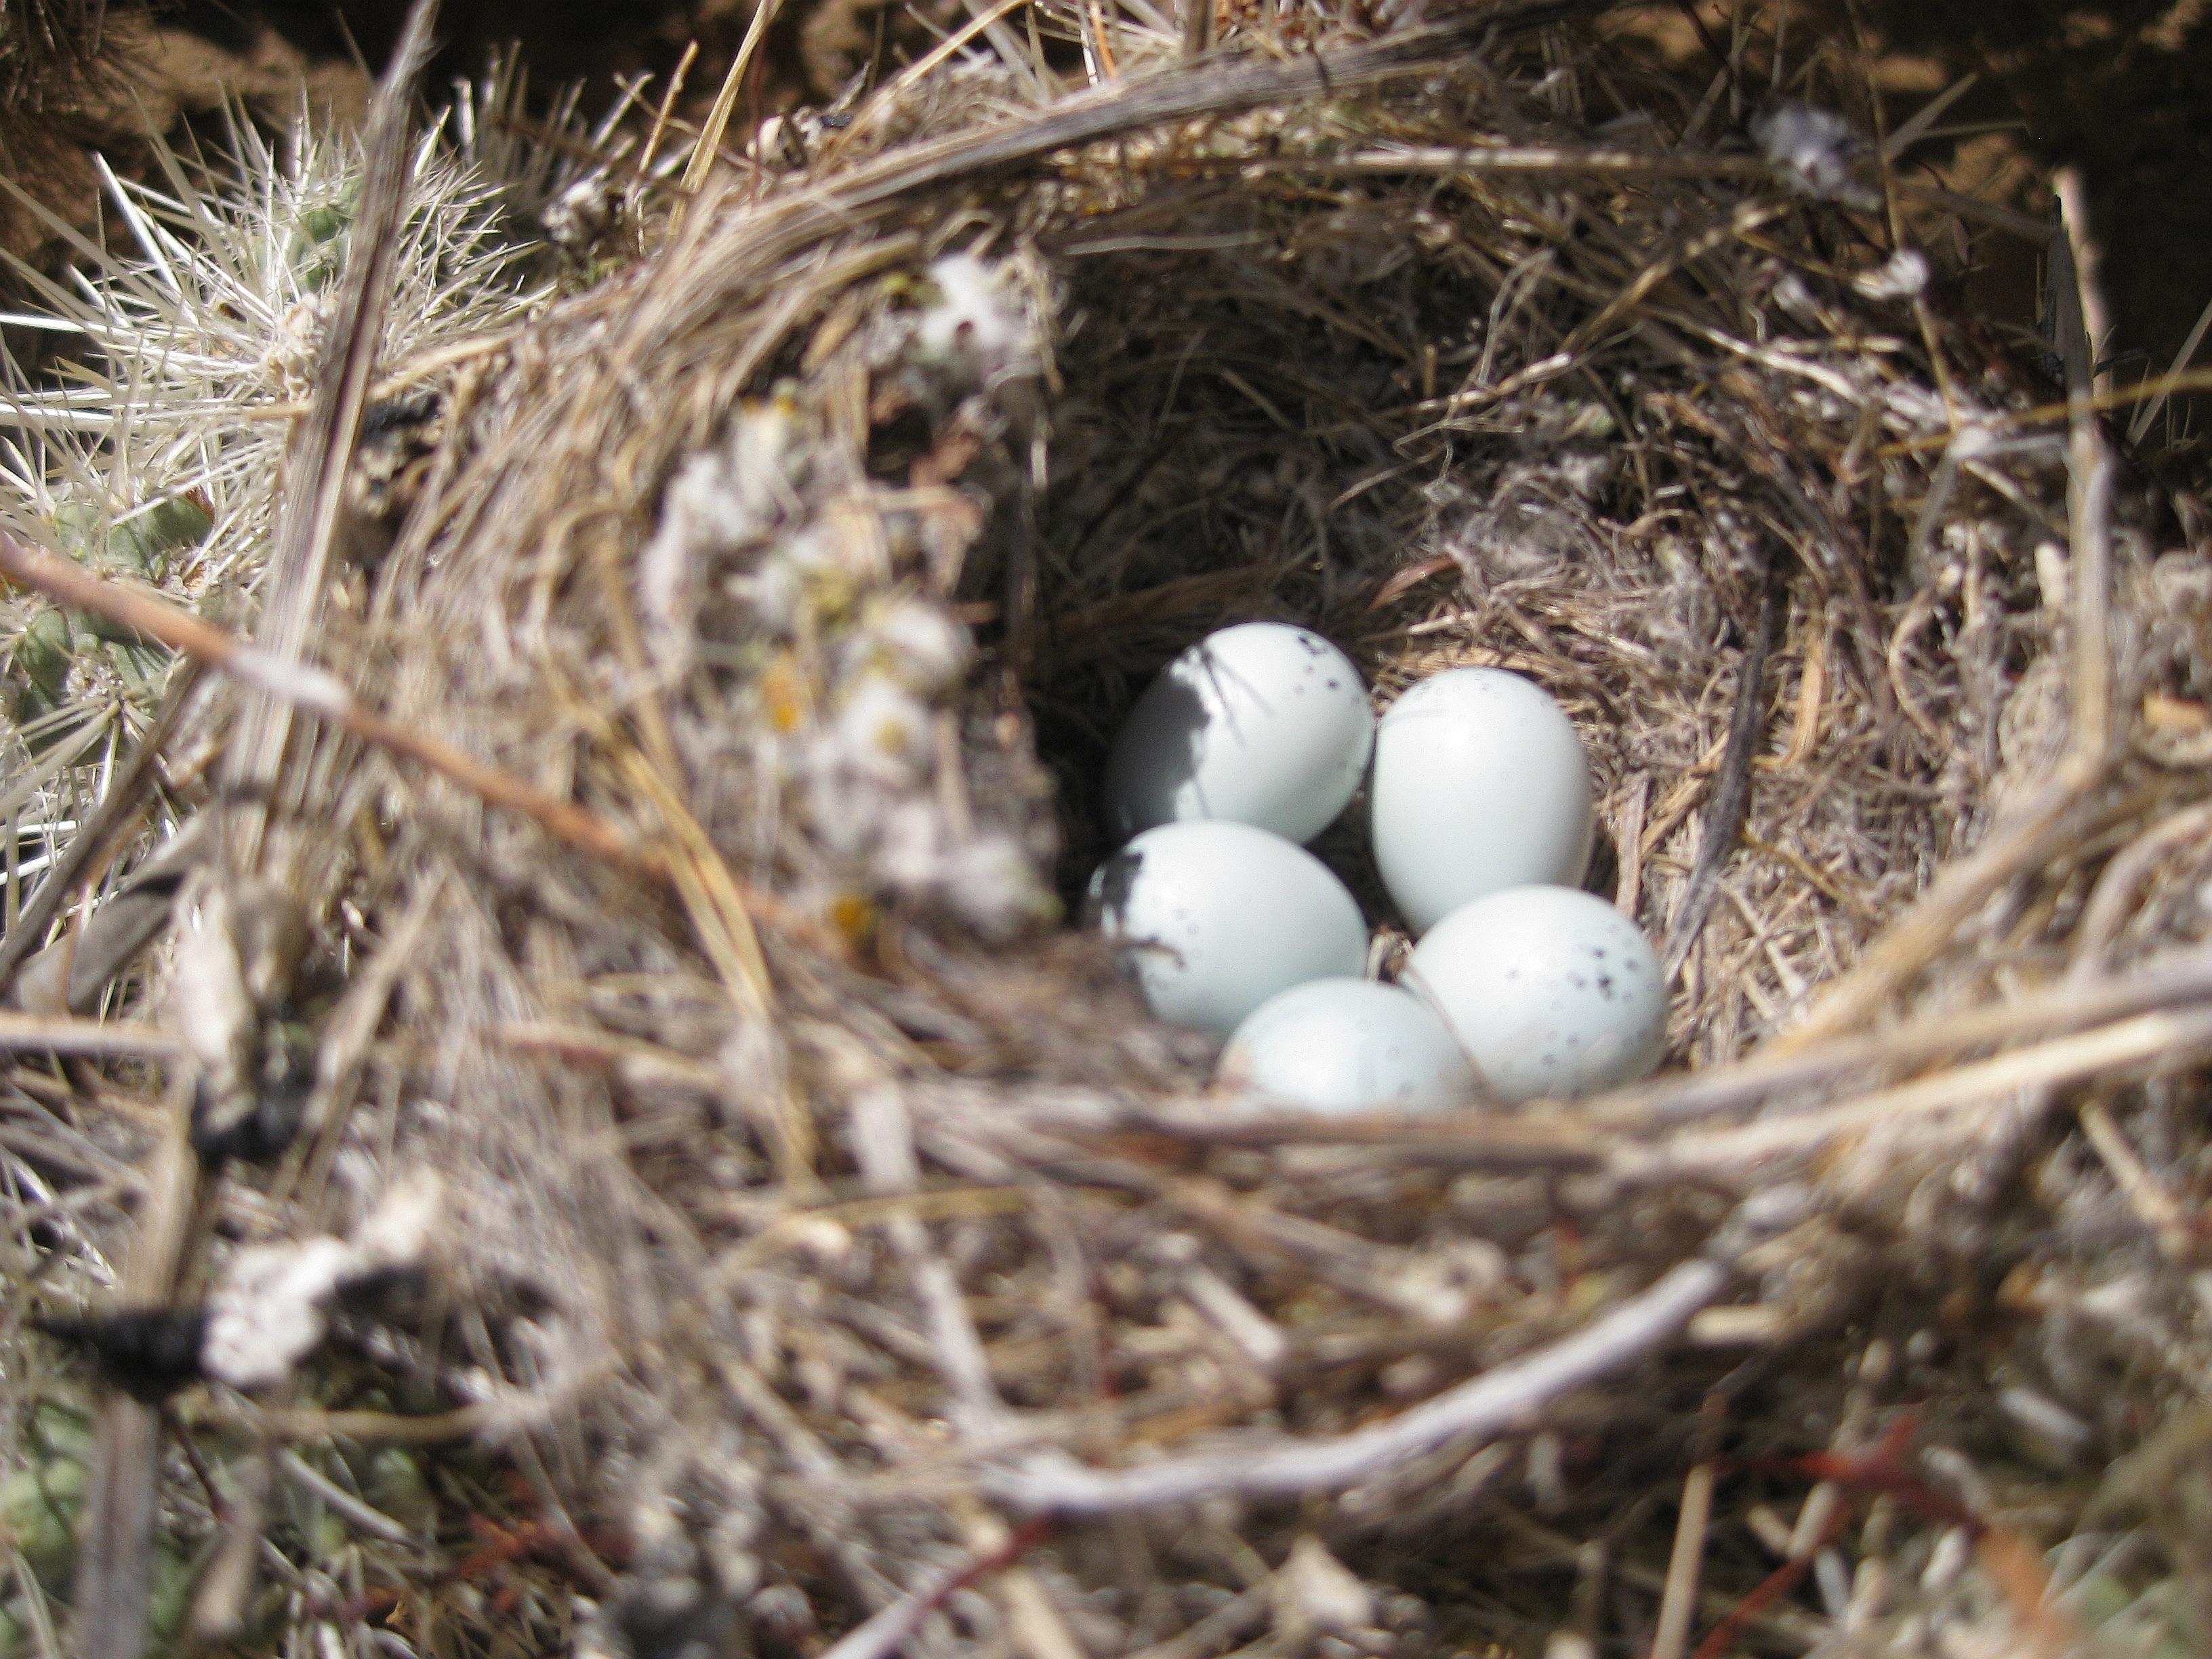 Owlet clipart egg Eggs owl photo#28 Owl Baby